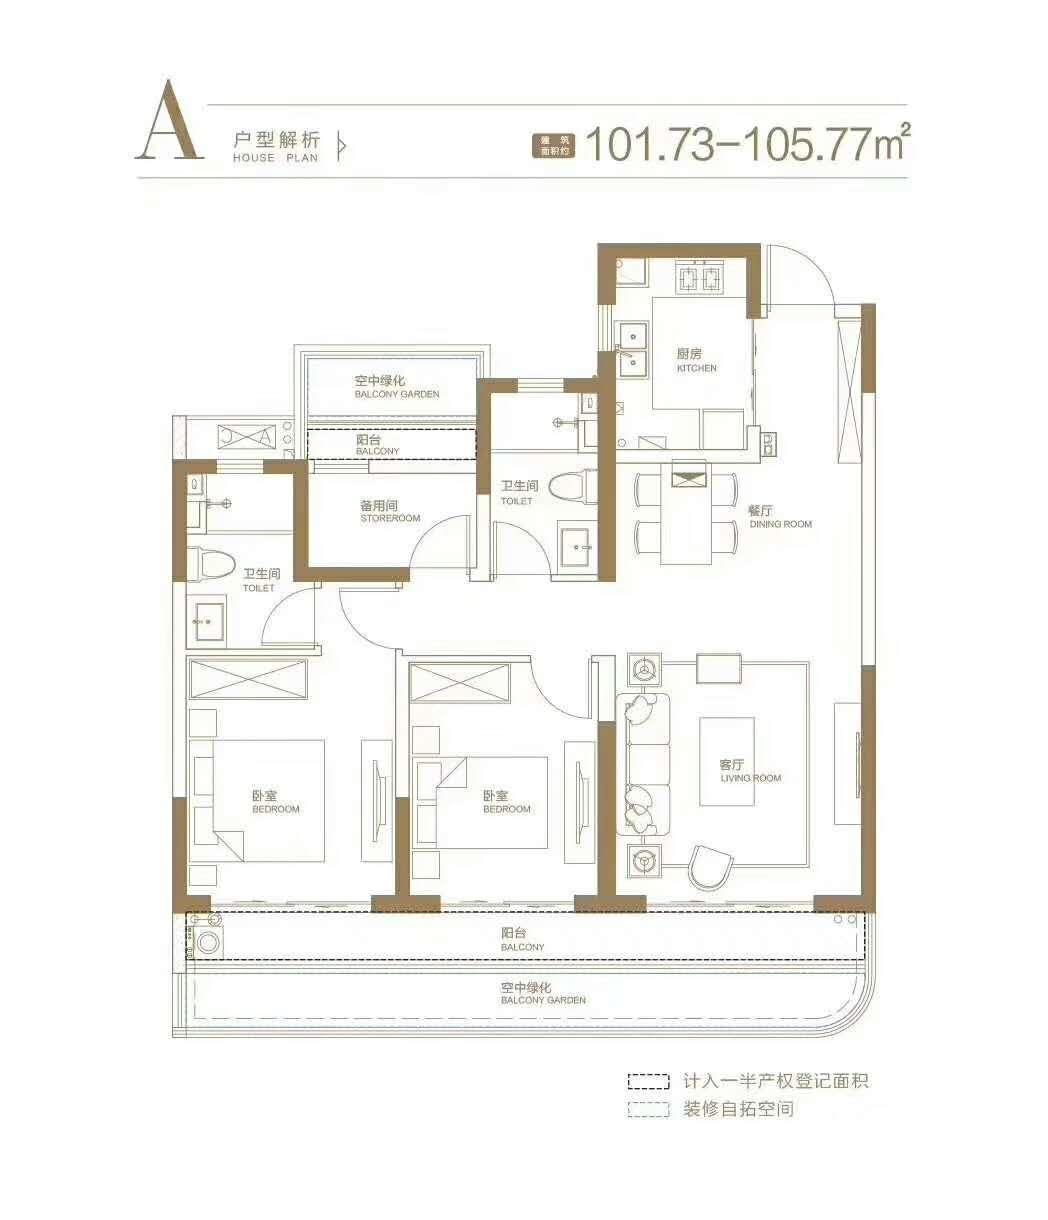 融创观澜湖公园壹号2室2厅2卫1厨 (建筑面积:101.73㎡)